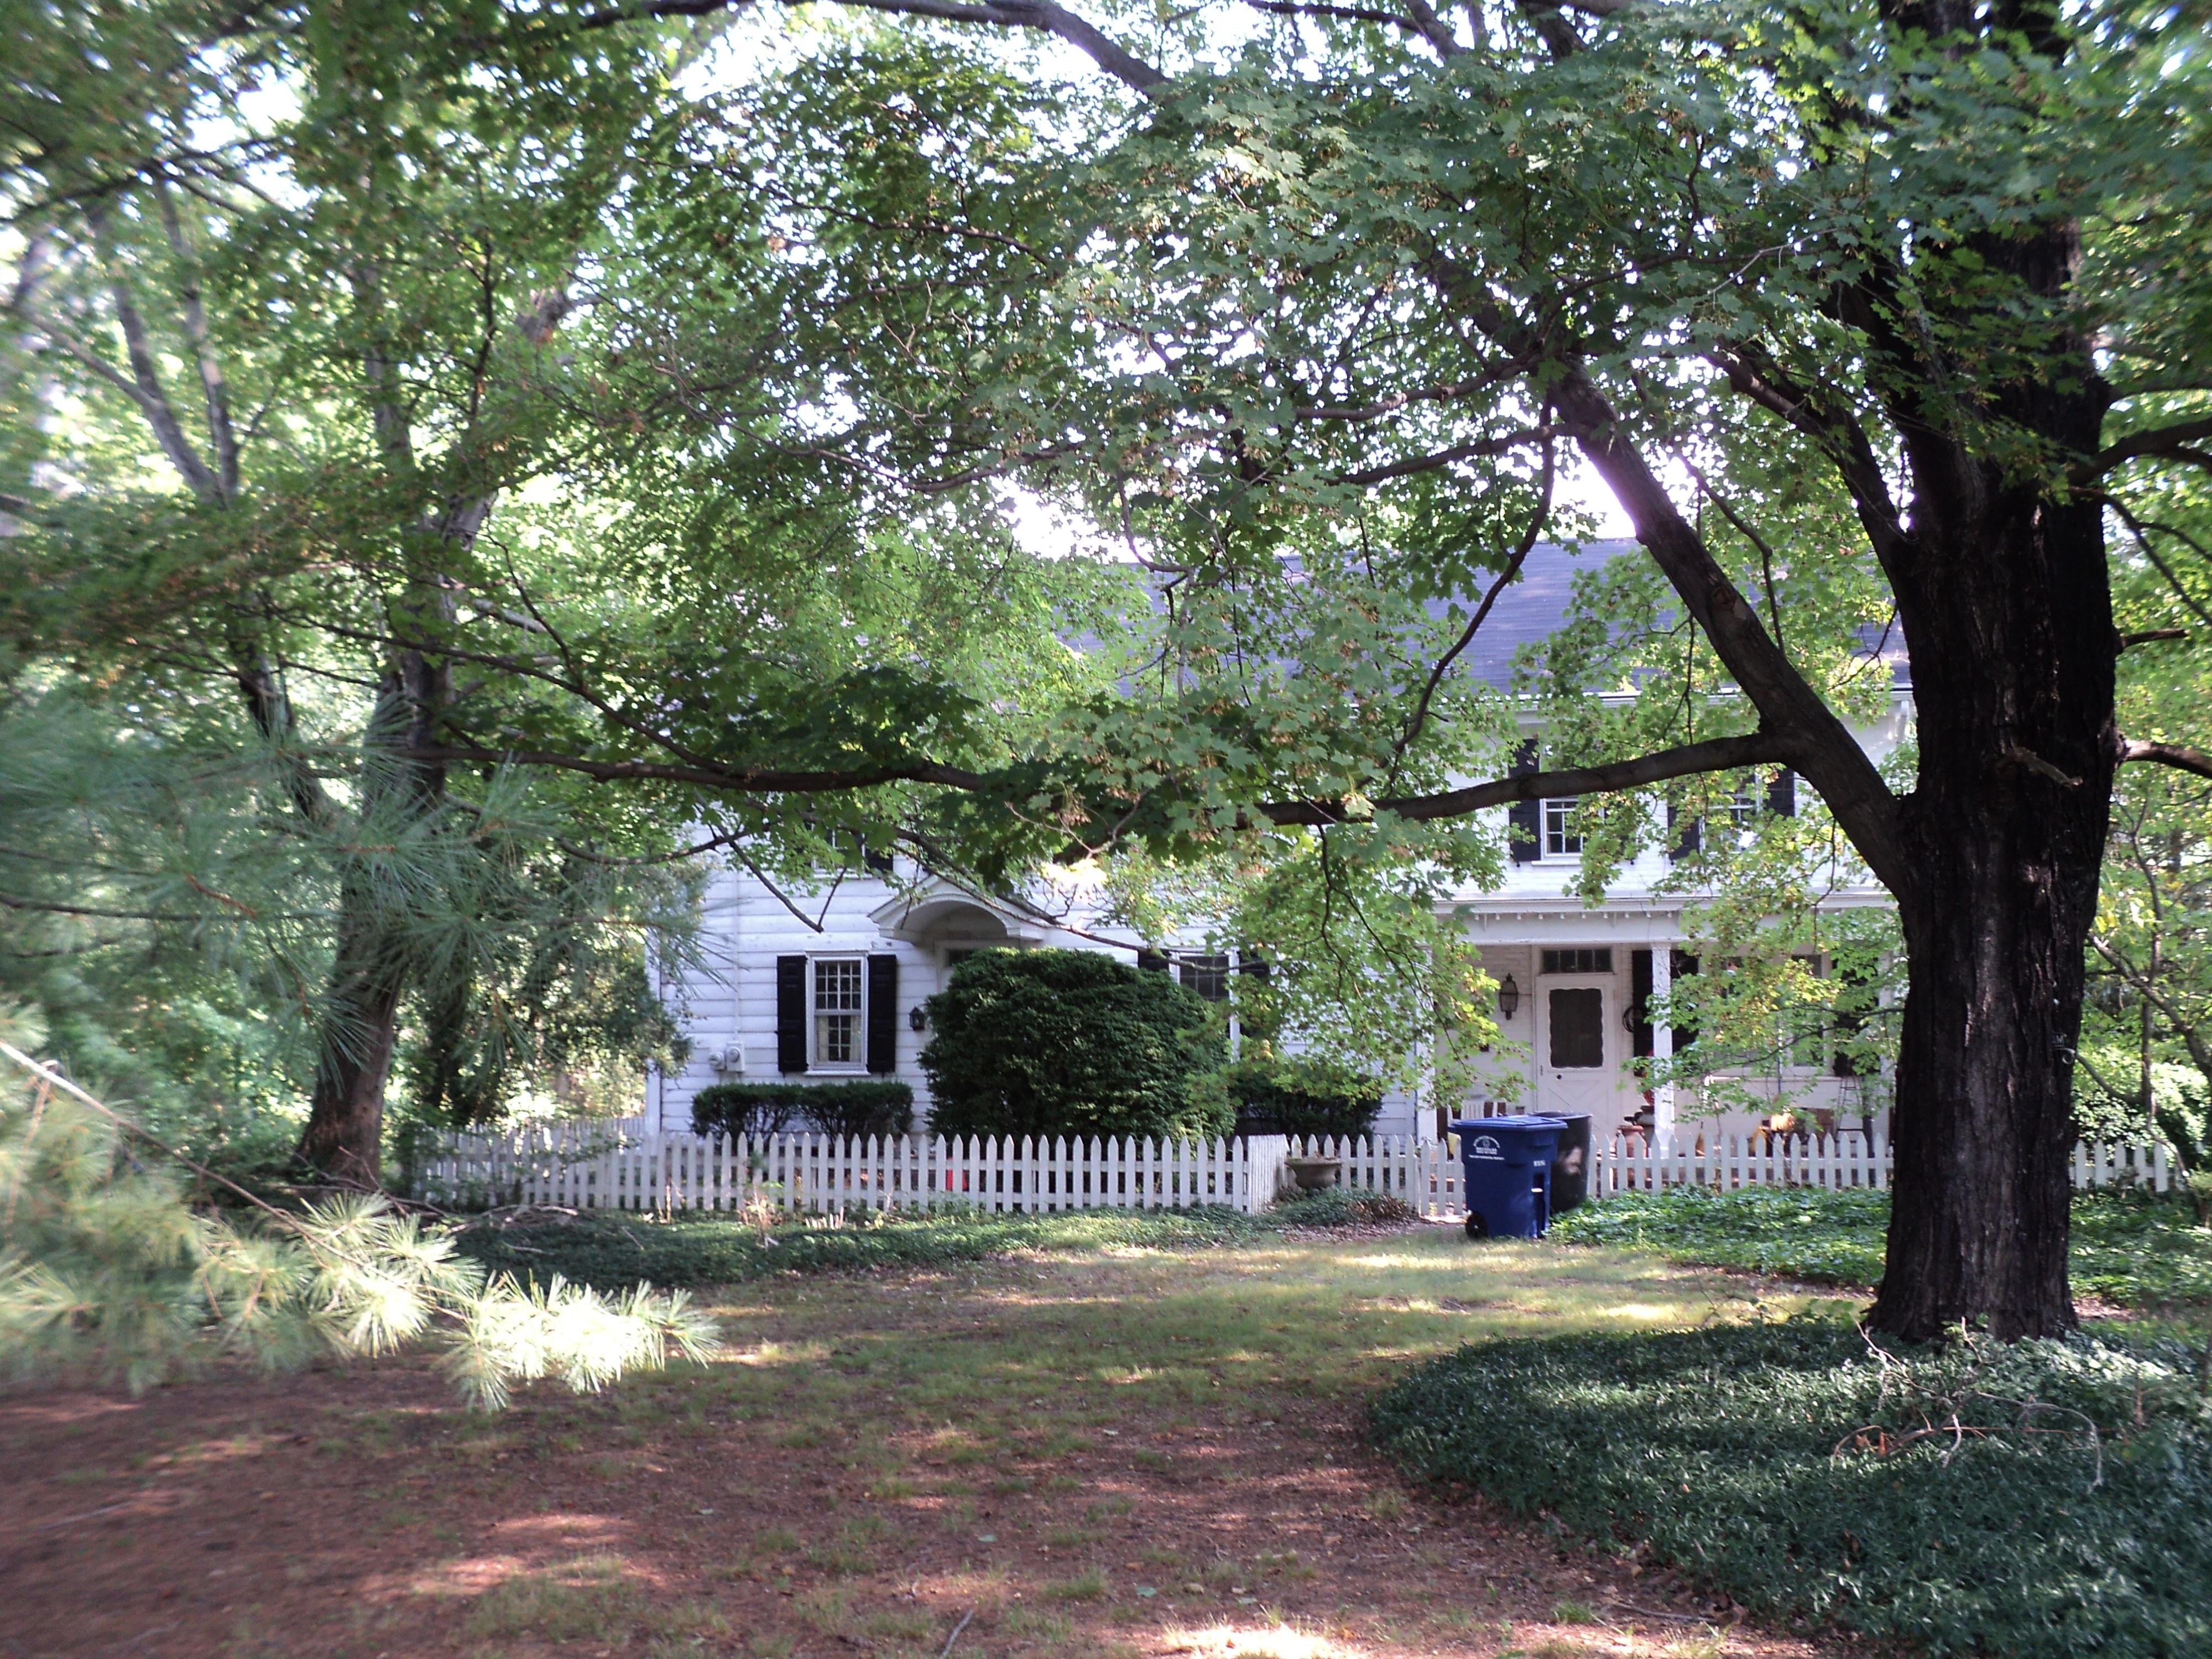 John Haines House built around 1688 to 1690